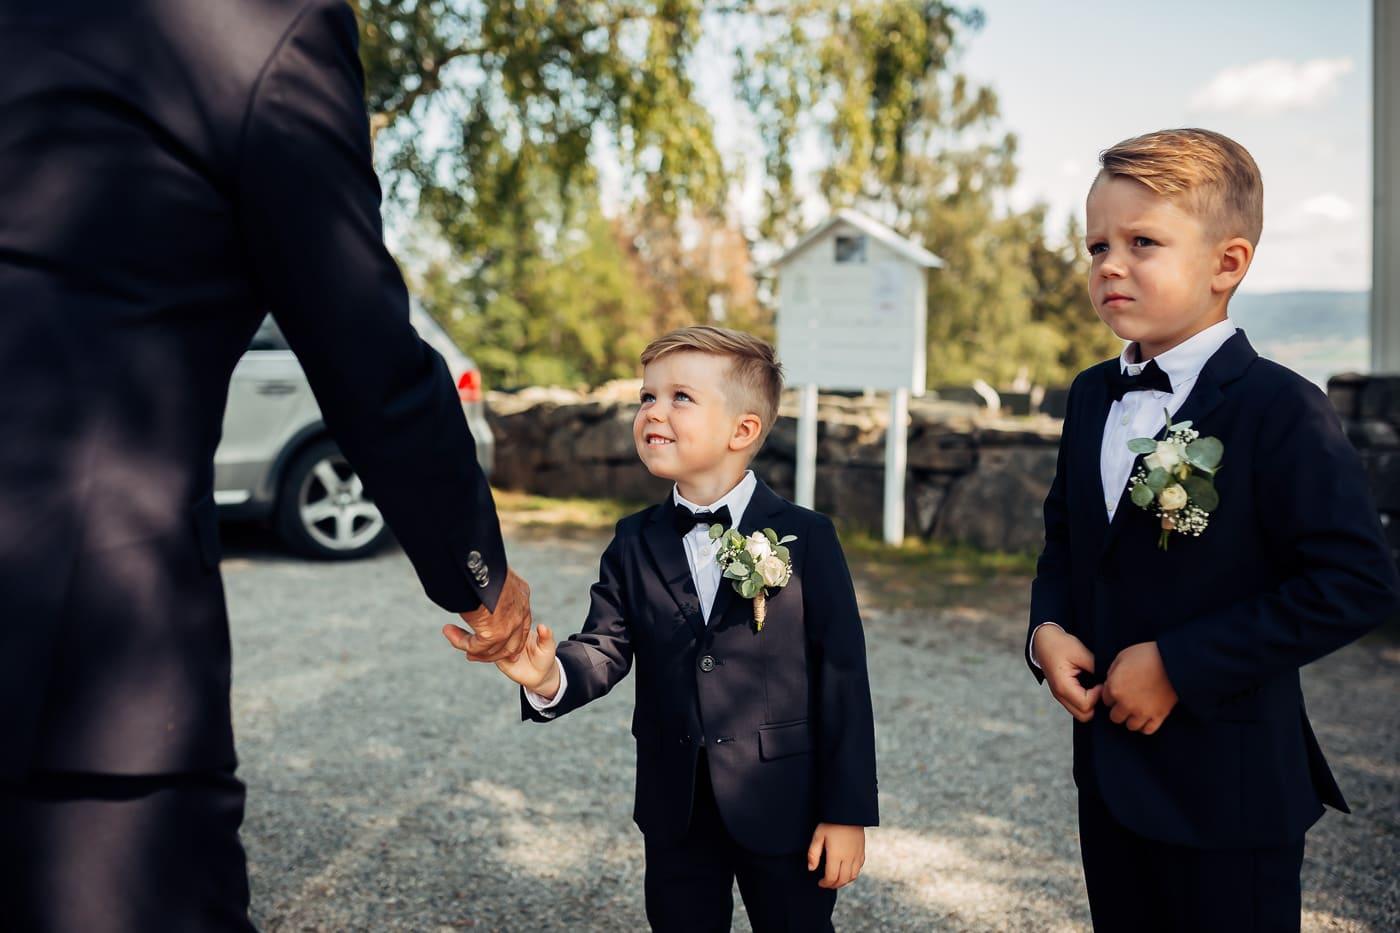 Linn & Frank - rørende og vakkert låvebryllup i Minnesund Bryllupsbilder Minnesund Eidsvoll 21 Brudepar